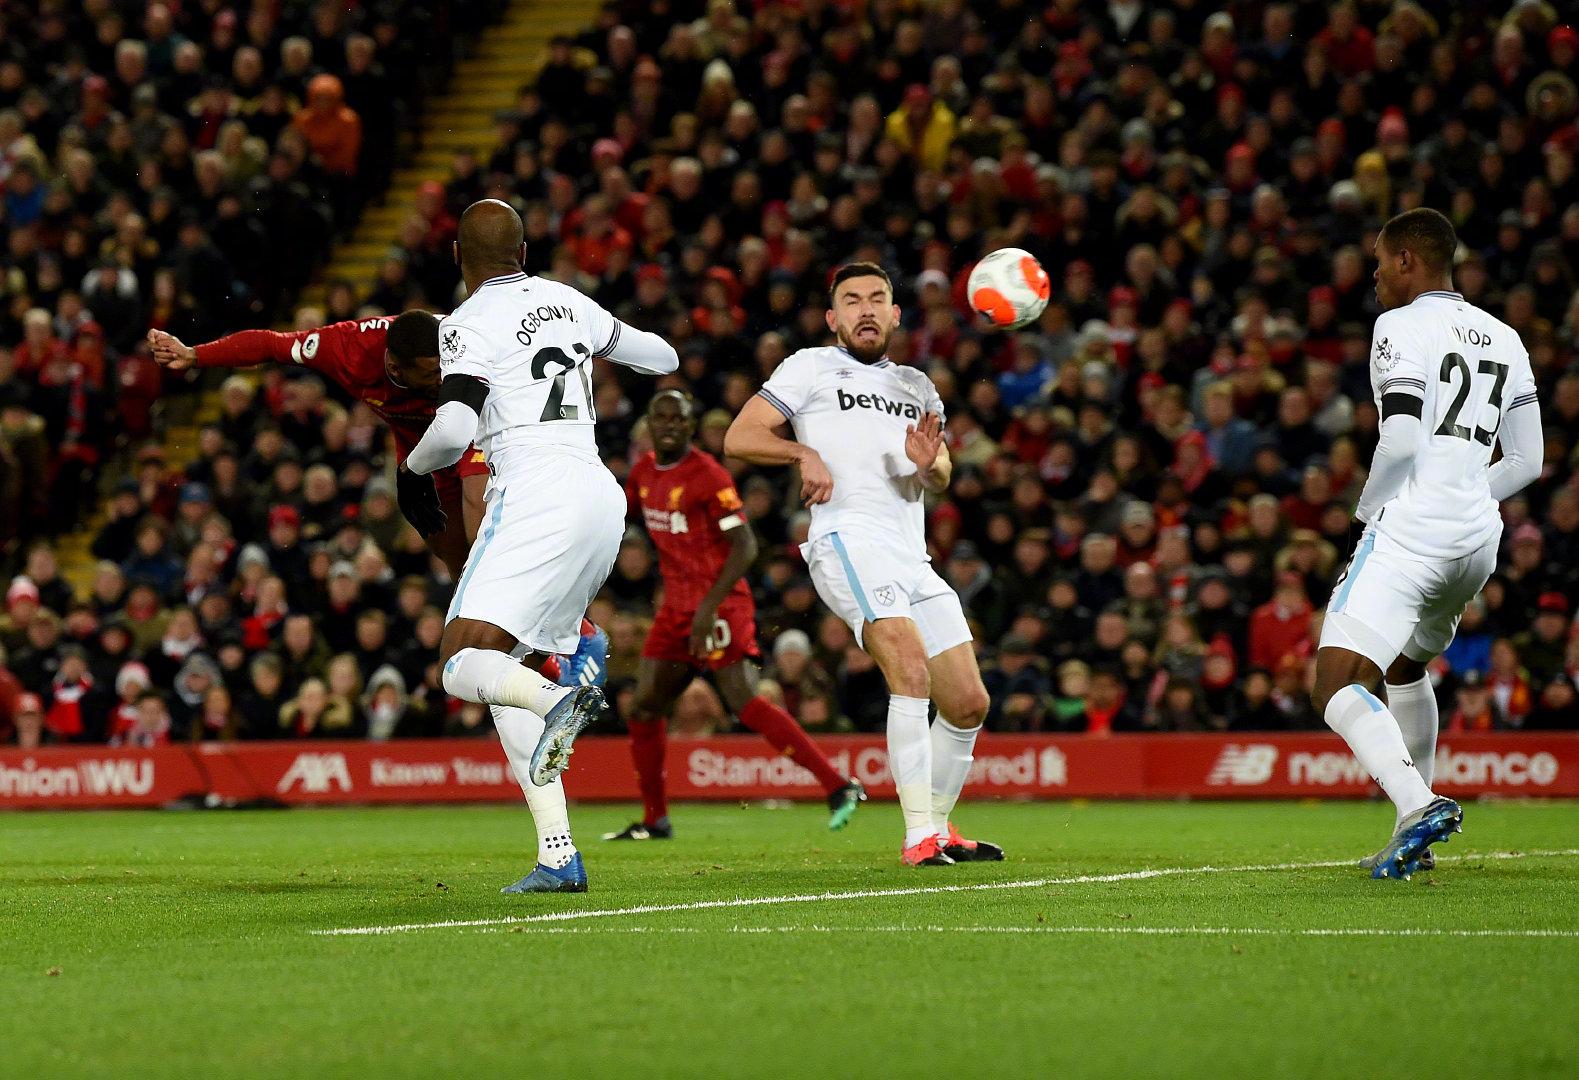 原创             太狠了!利物浦踢出逆天数据:超出阿曼队1分 为英超增加1悬念